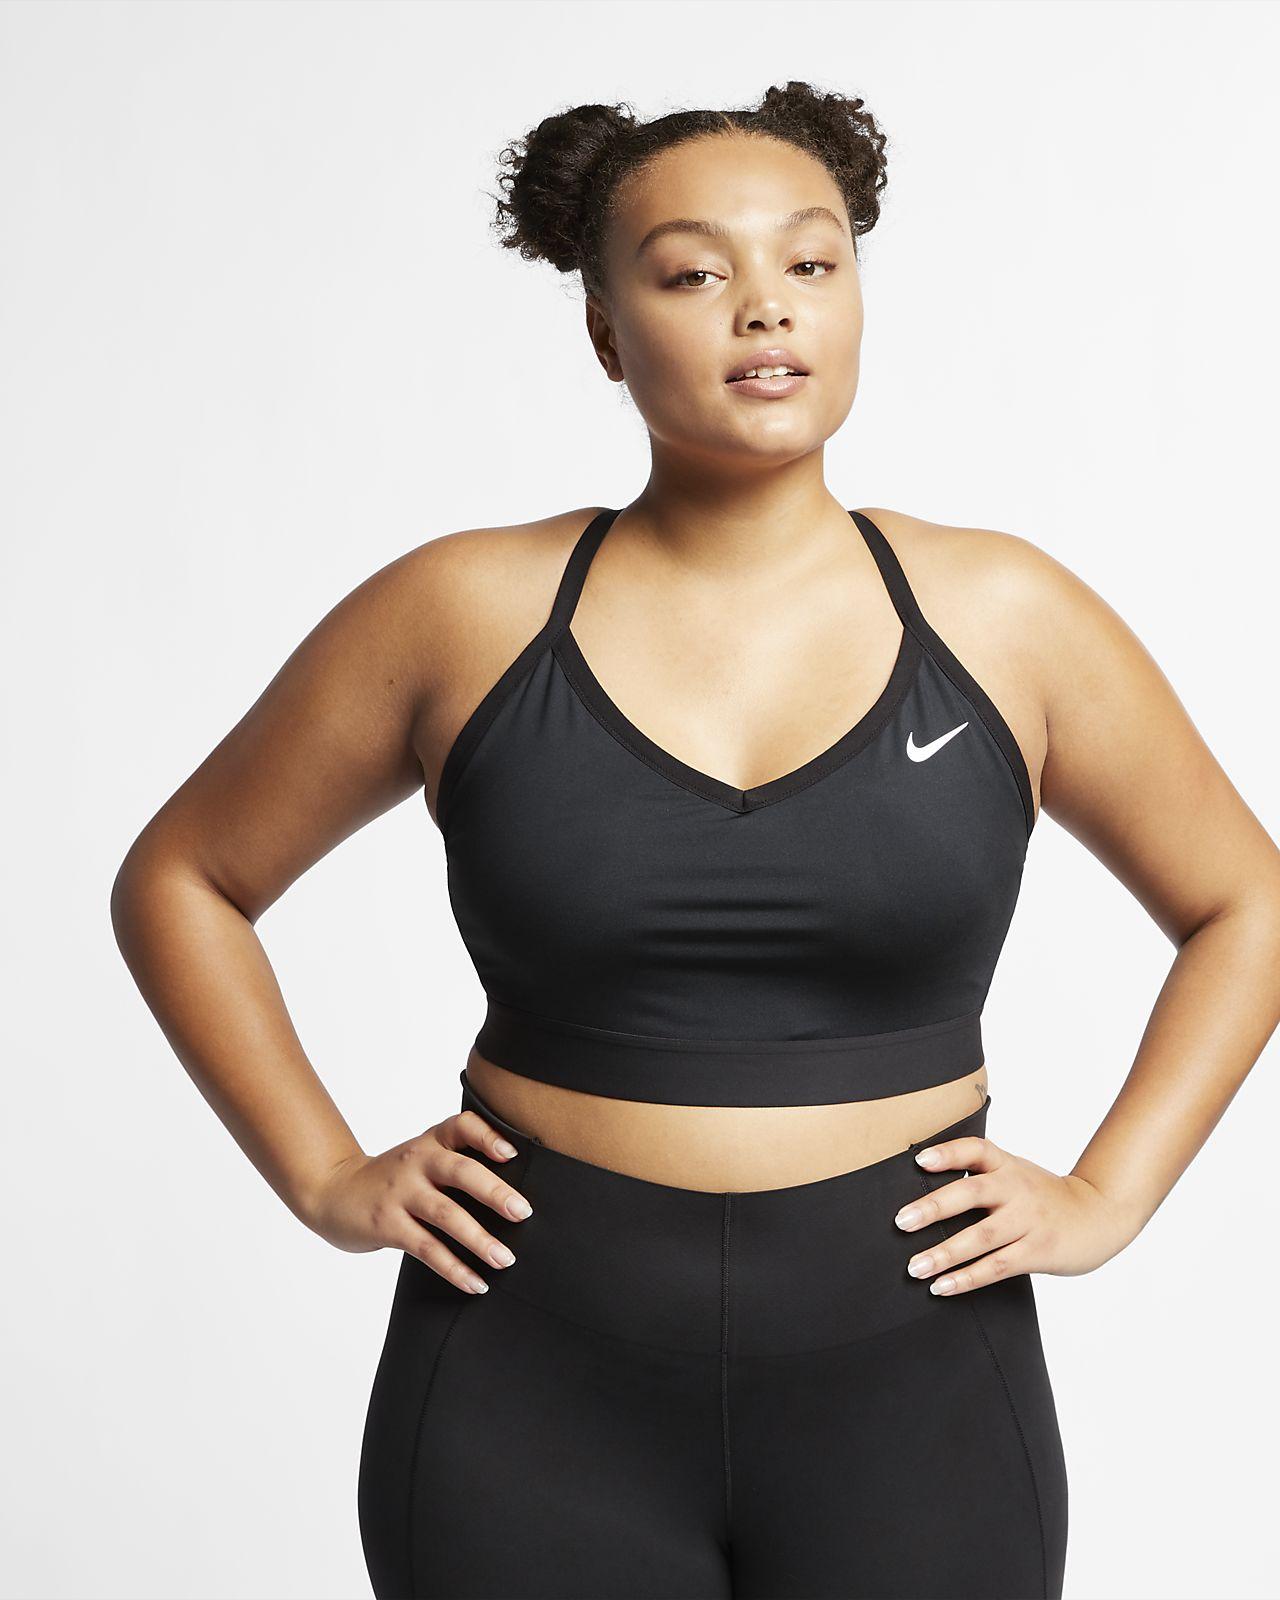 Sport-BH Nike Indy med lätt stöd för kvinnor (större storlek)